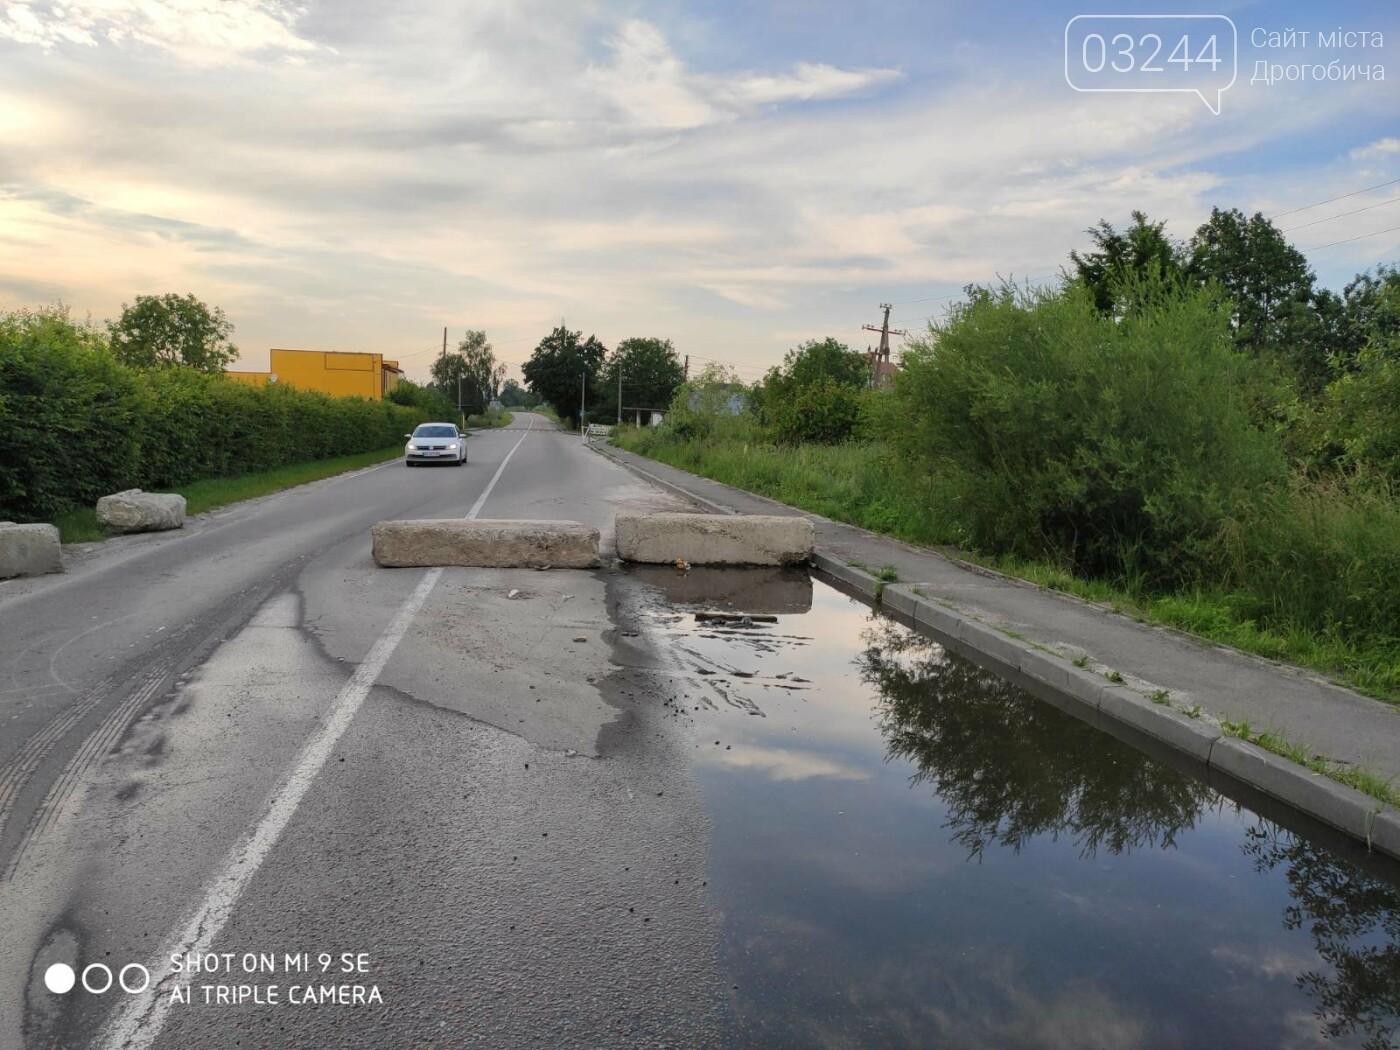 Дорога Дрогобич-Трускавець відкрита для транспорту: відсунуто блоки та шлагбаум. Однак, водіям слід бути обачними, фото-5